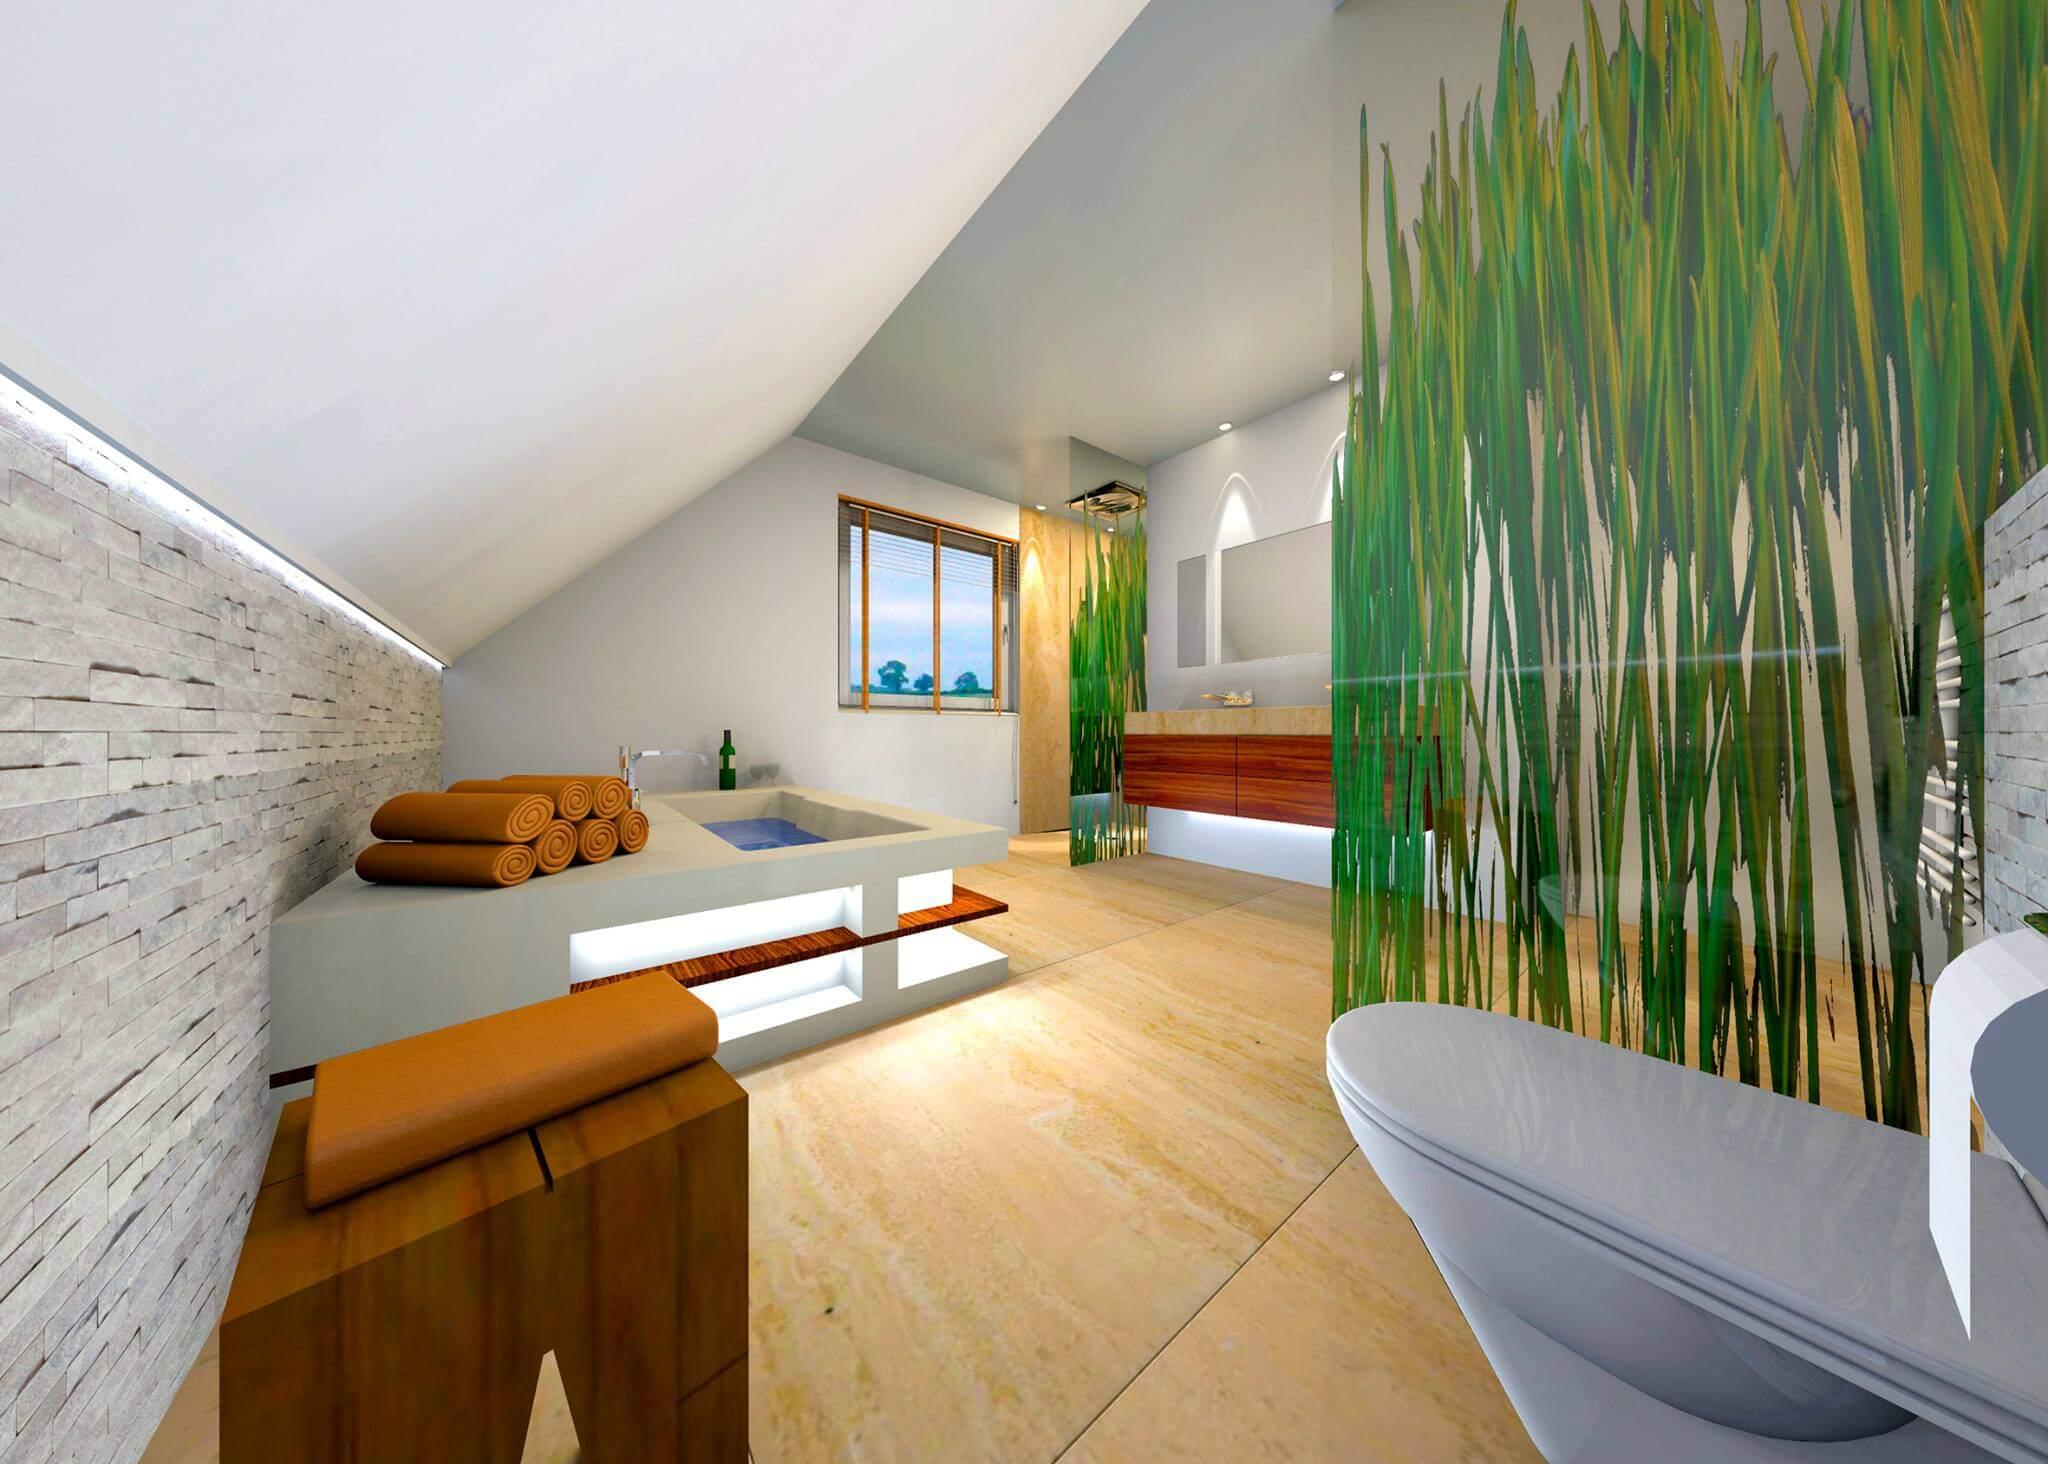 badezimmer idee ist nicht gleich badezimmer idee. Black Bedroom Furniture Sets. Home Design Ideas